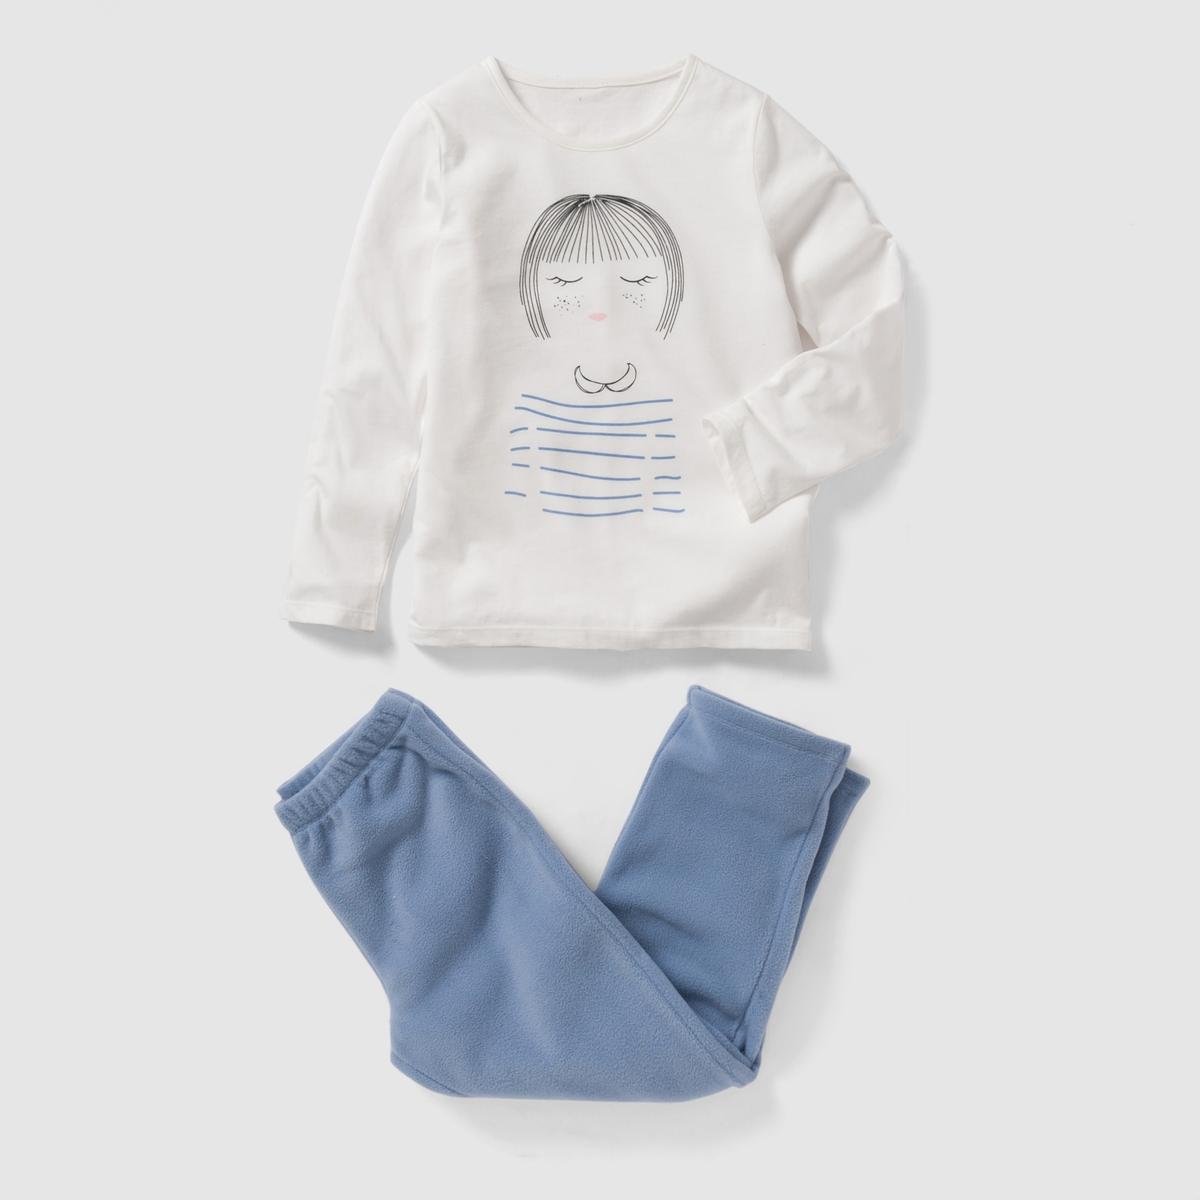 Пижама из джерси и флиса 2-12 летСостав и описание : Материал: футболка из трикотажа джерси, 100% хлопка брюки из флиса, 100% полиэстера.Марка: abcdR.  Уход :- Машинная стирка при 30°C с вещами схожих цветов.Стирать и гладить с изнаночной стороны.- Машинная сушка в умеренном режиме.Гладить при умеренной температуре.<br><br>Цвет: экрю<br>Размер: 6 лет - 114 см